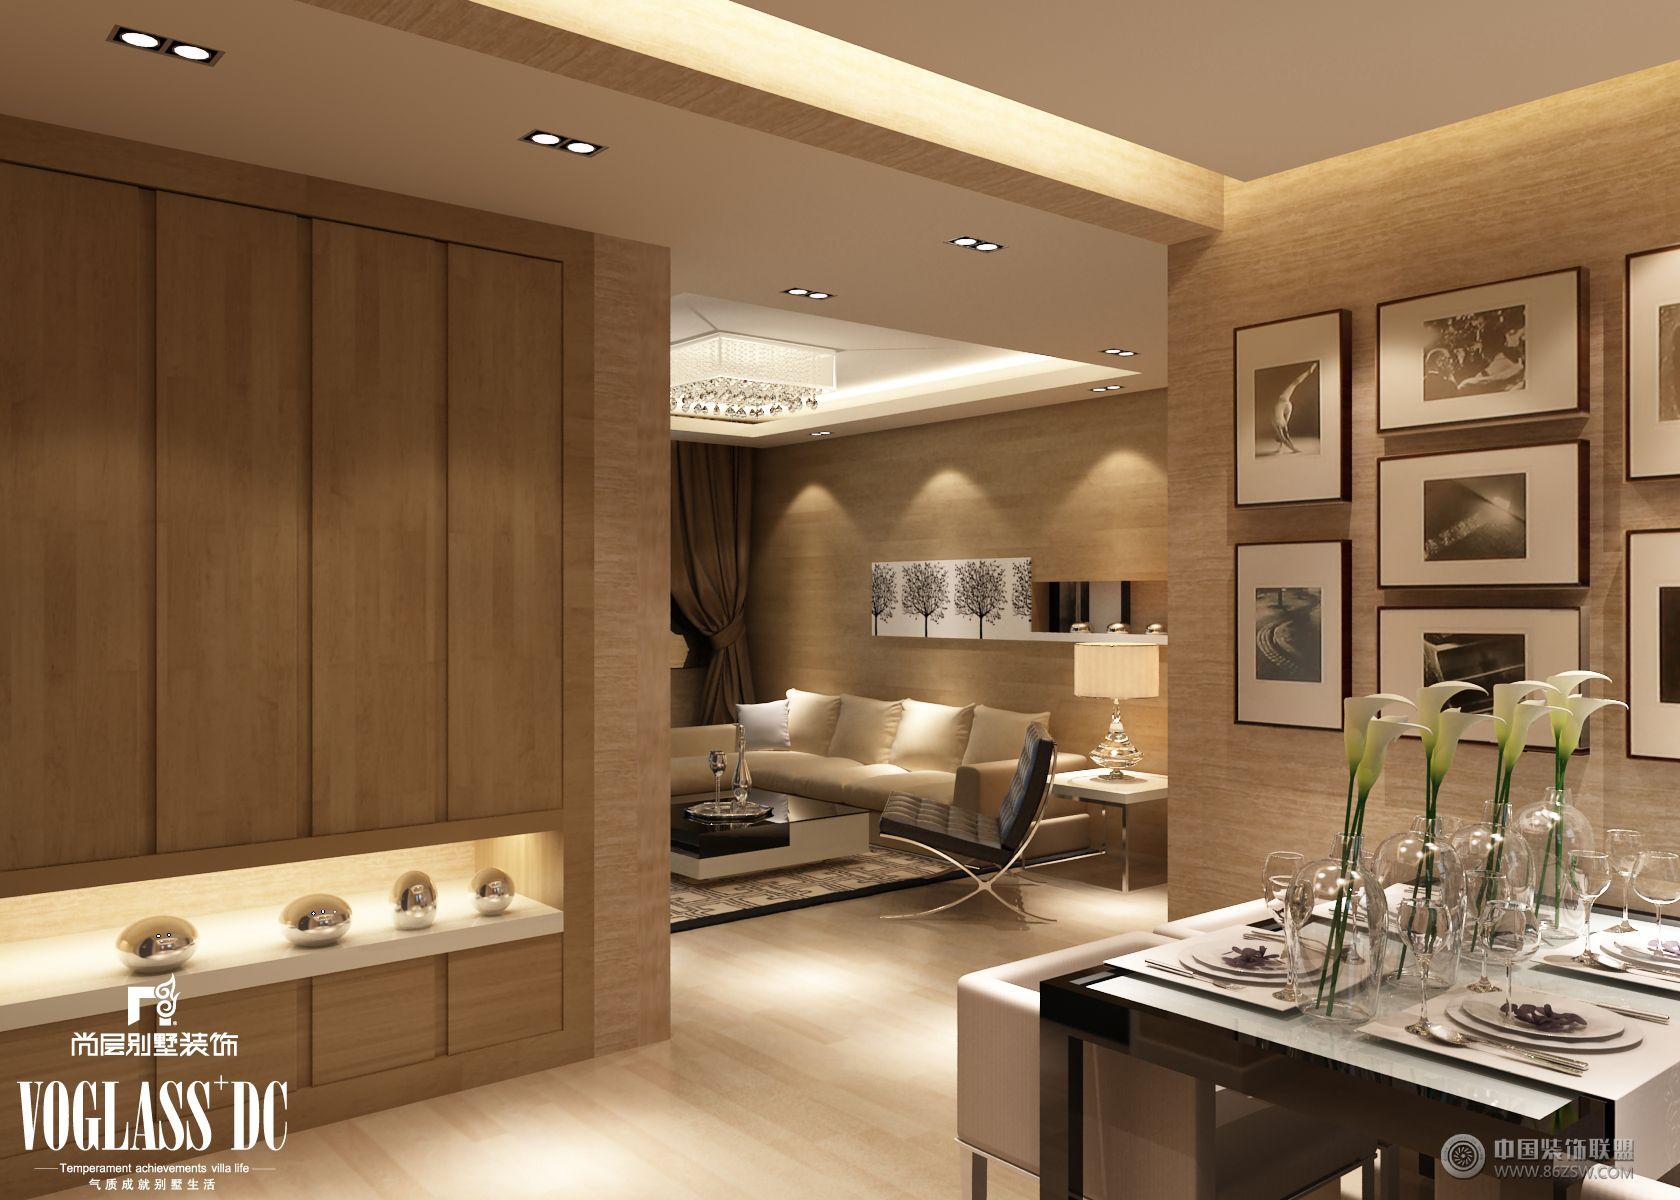 成都尚层装饰别墅装修现代简约风格效果图